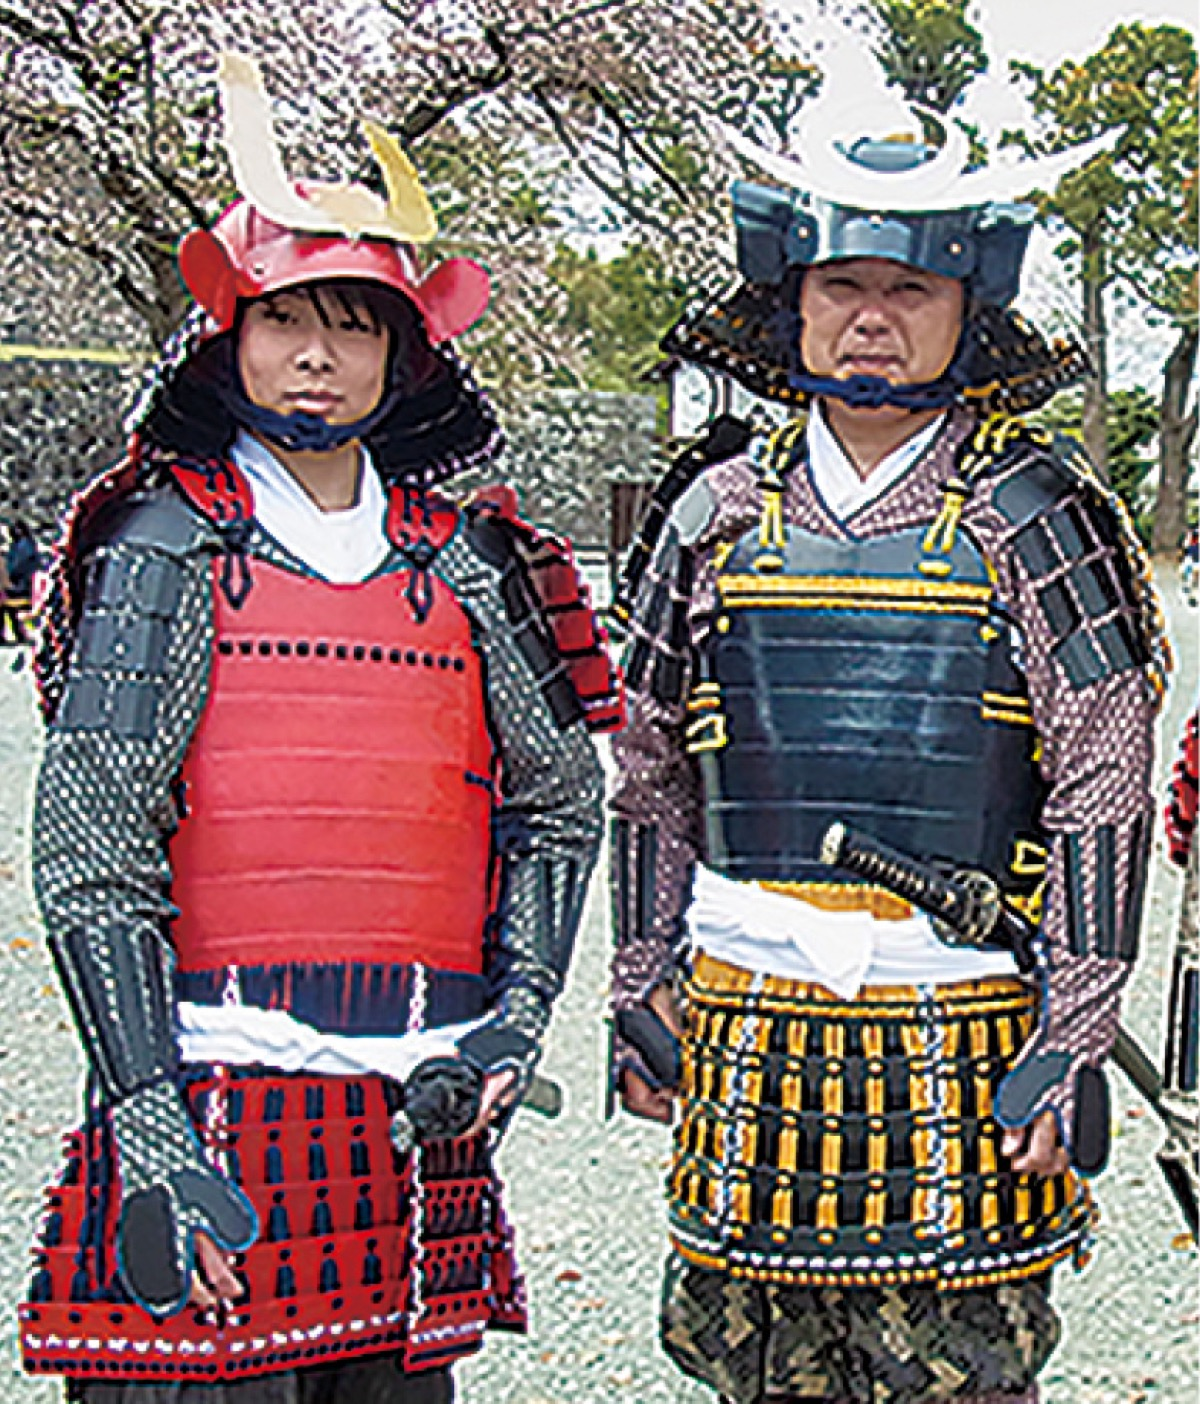 段ボールで甲冑作り 参加者を募集 | 大和 | タウンニュース